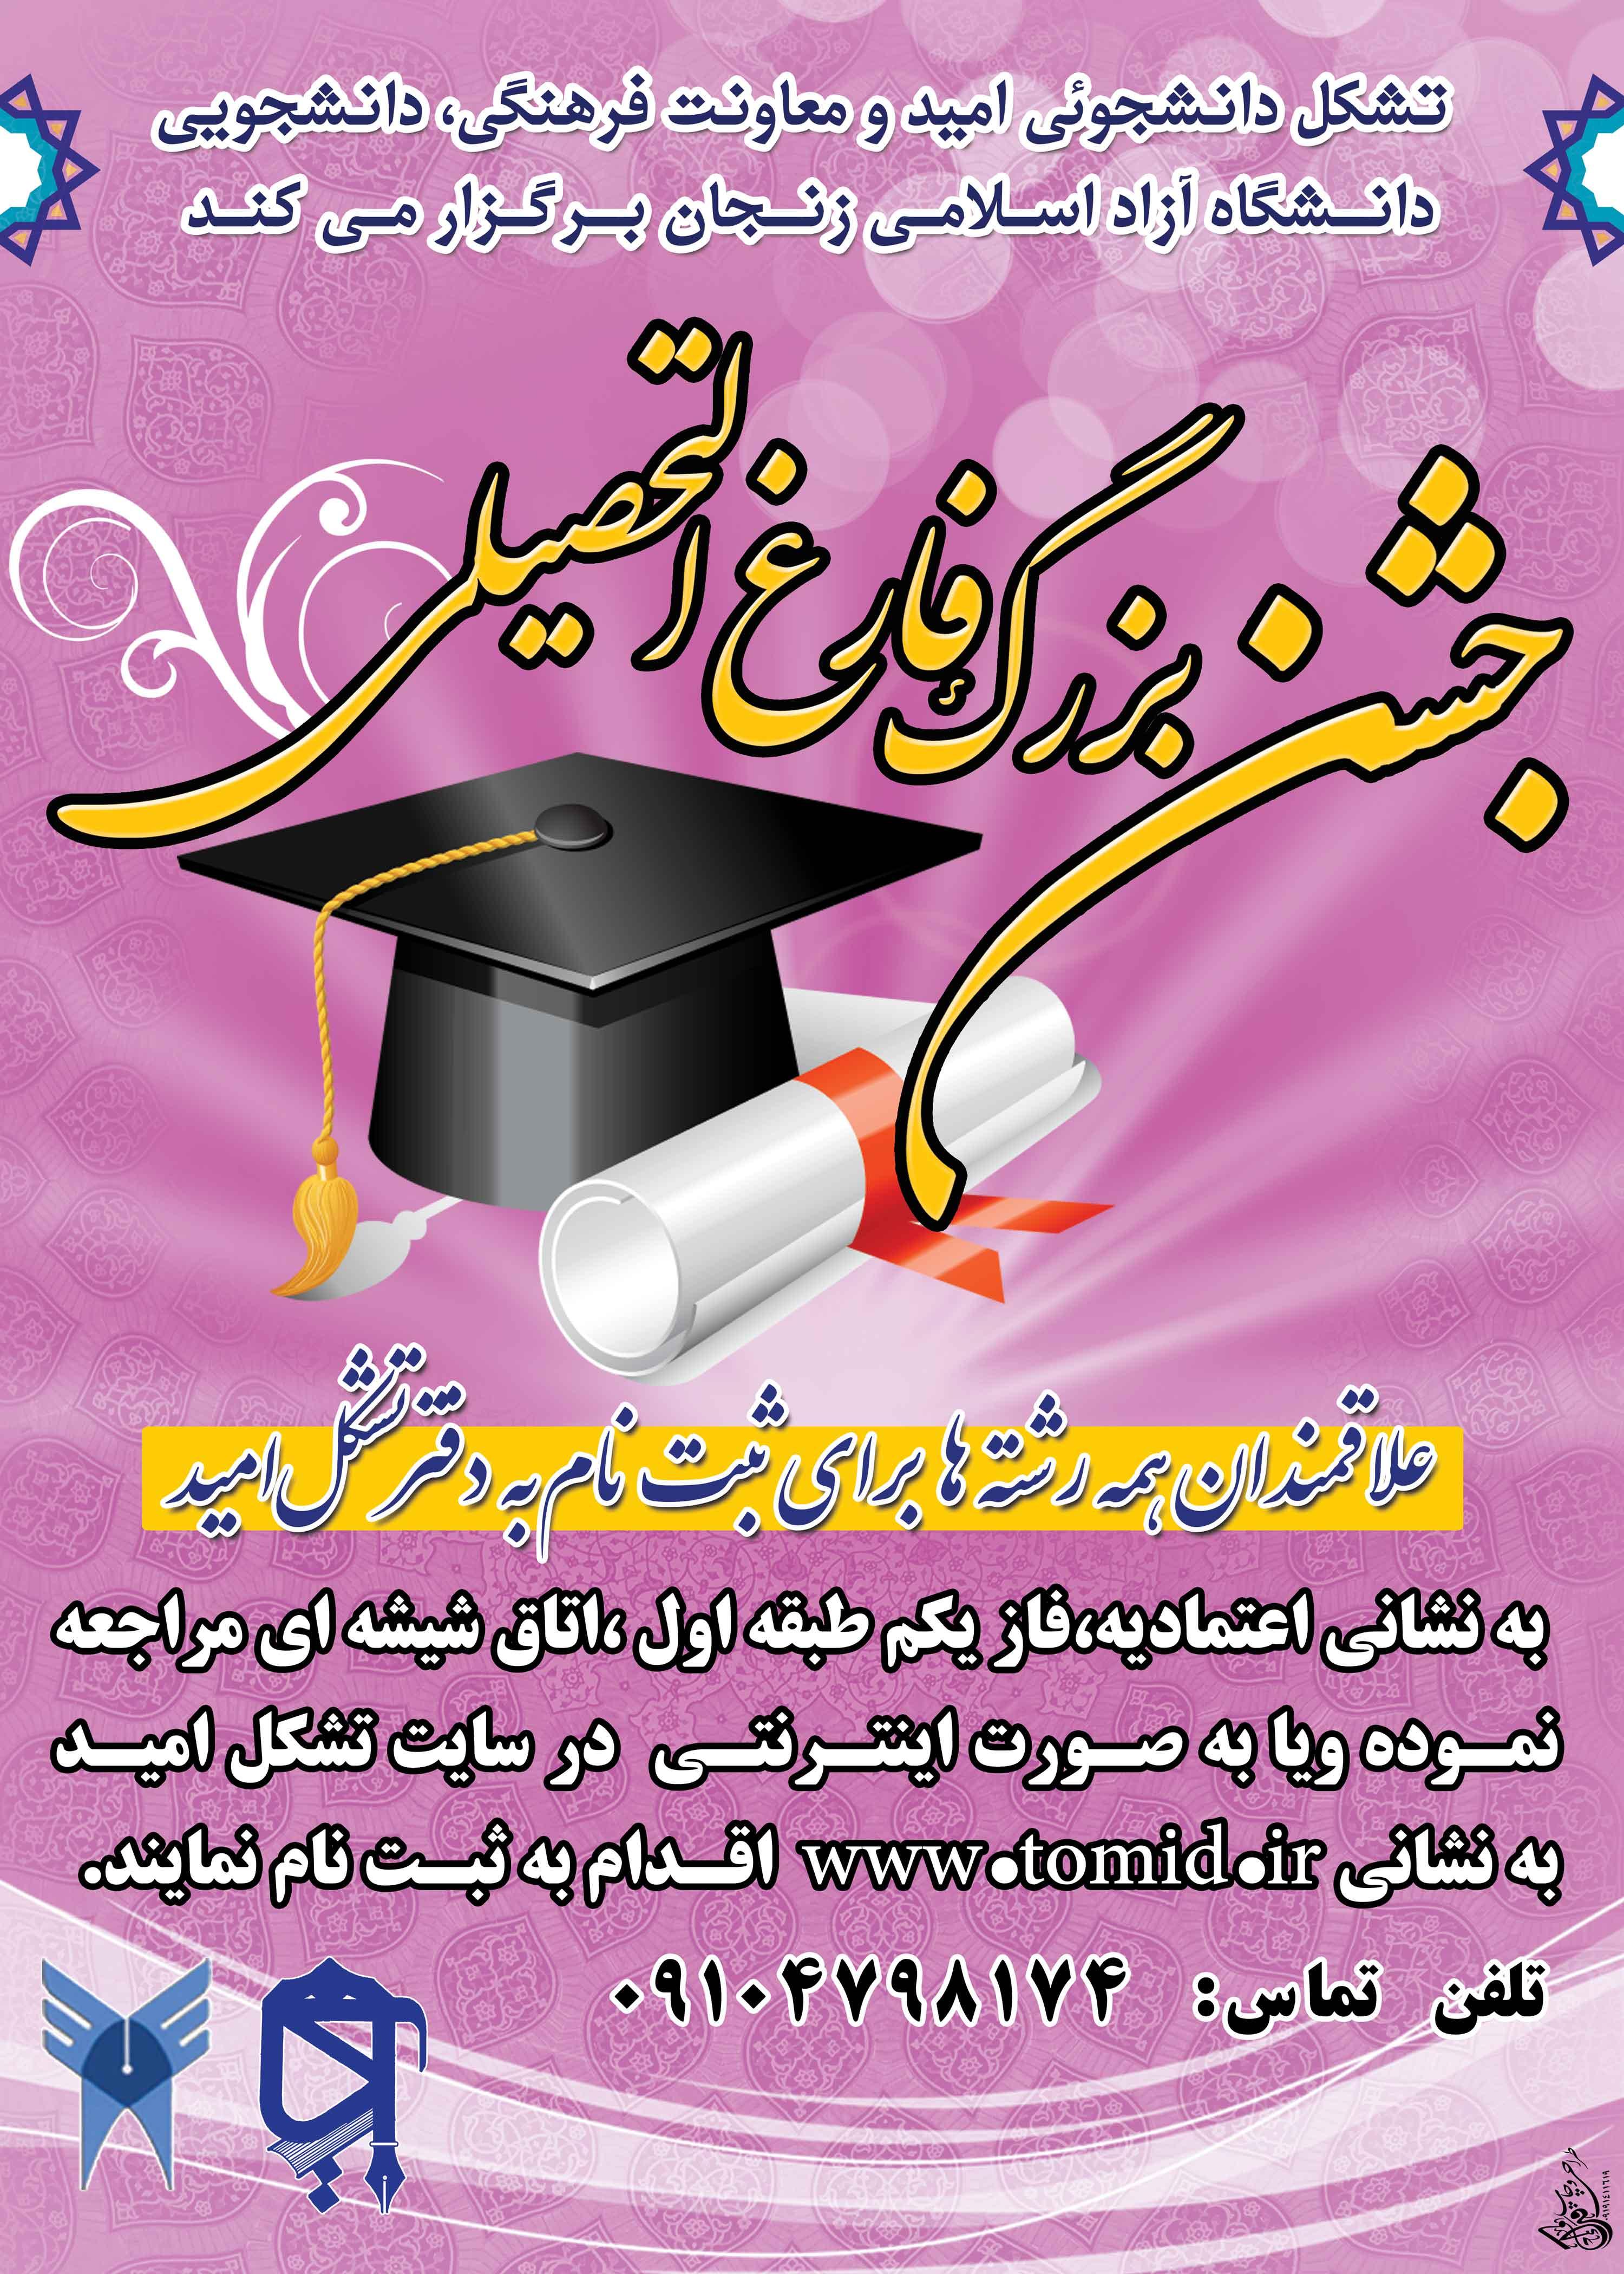 جشن فارغ التحصلی به همت تشکل دانشجویی امید برگزار می شود.